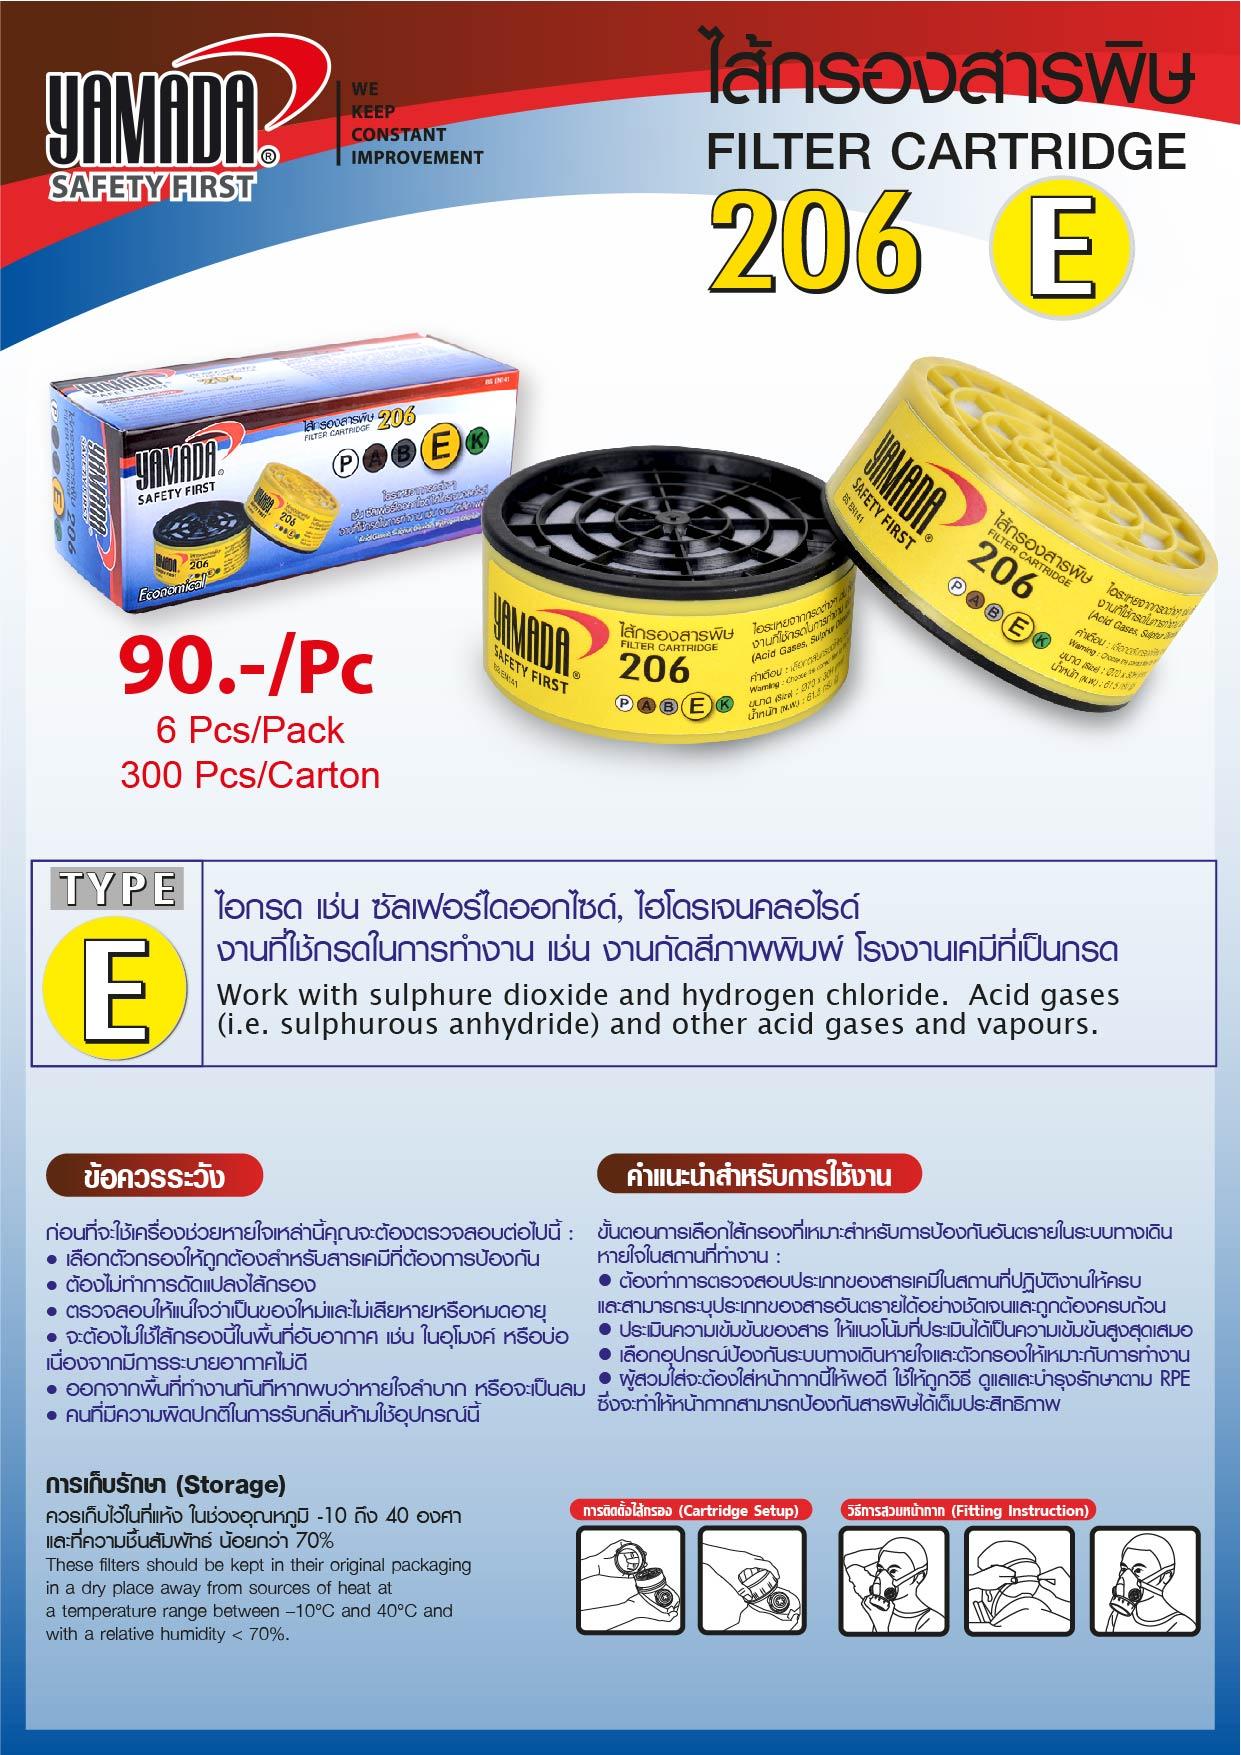 (68/278) ไส้กรองสารพิษ 206 TYPE E / Filter Cartridge